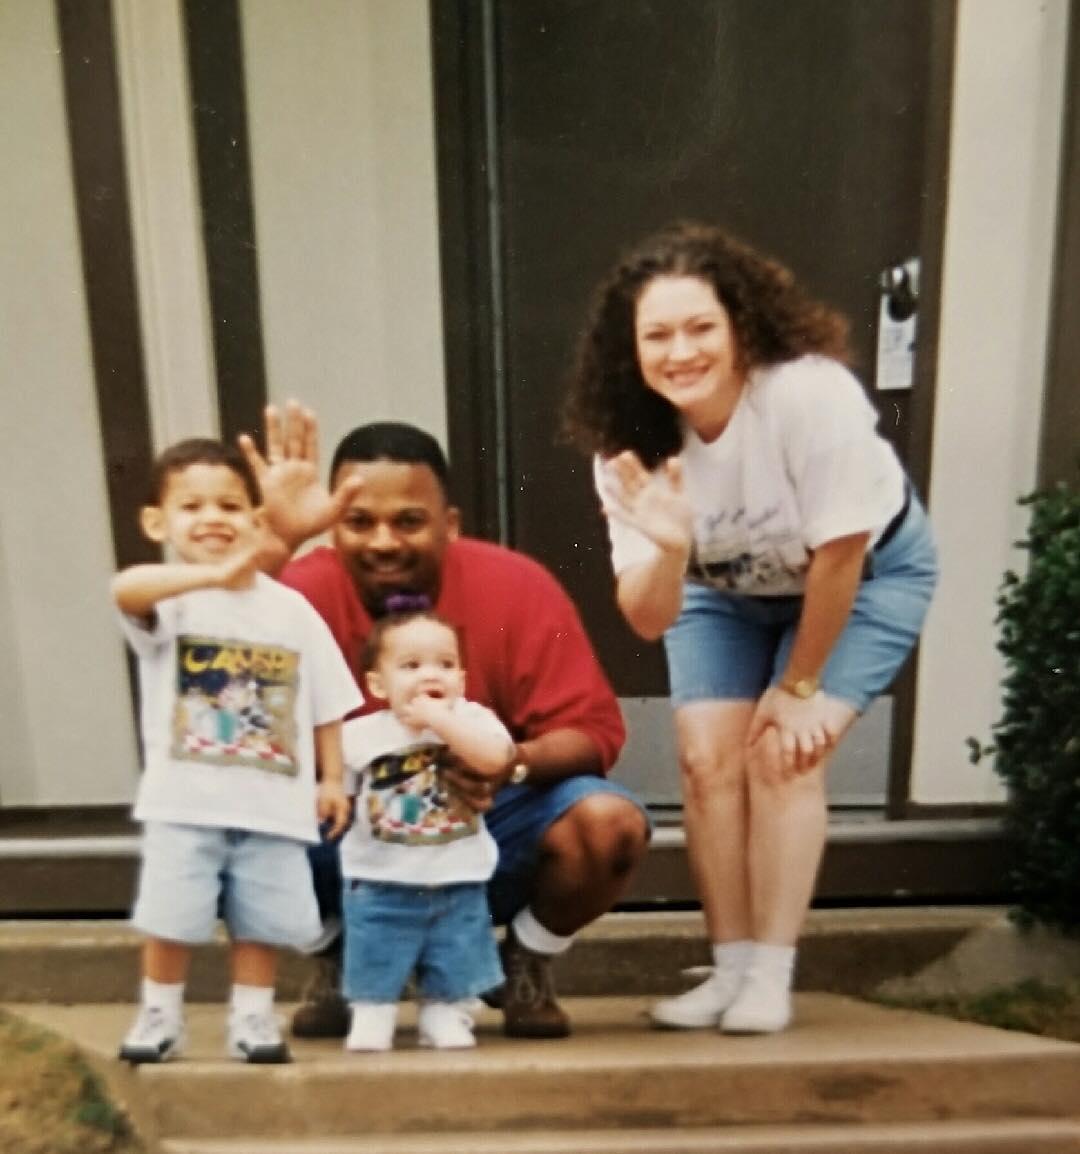 Tia Valentine's Family Image